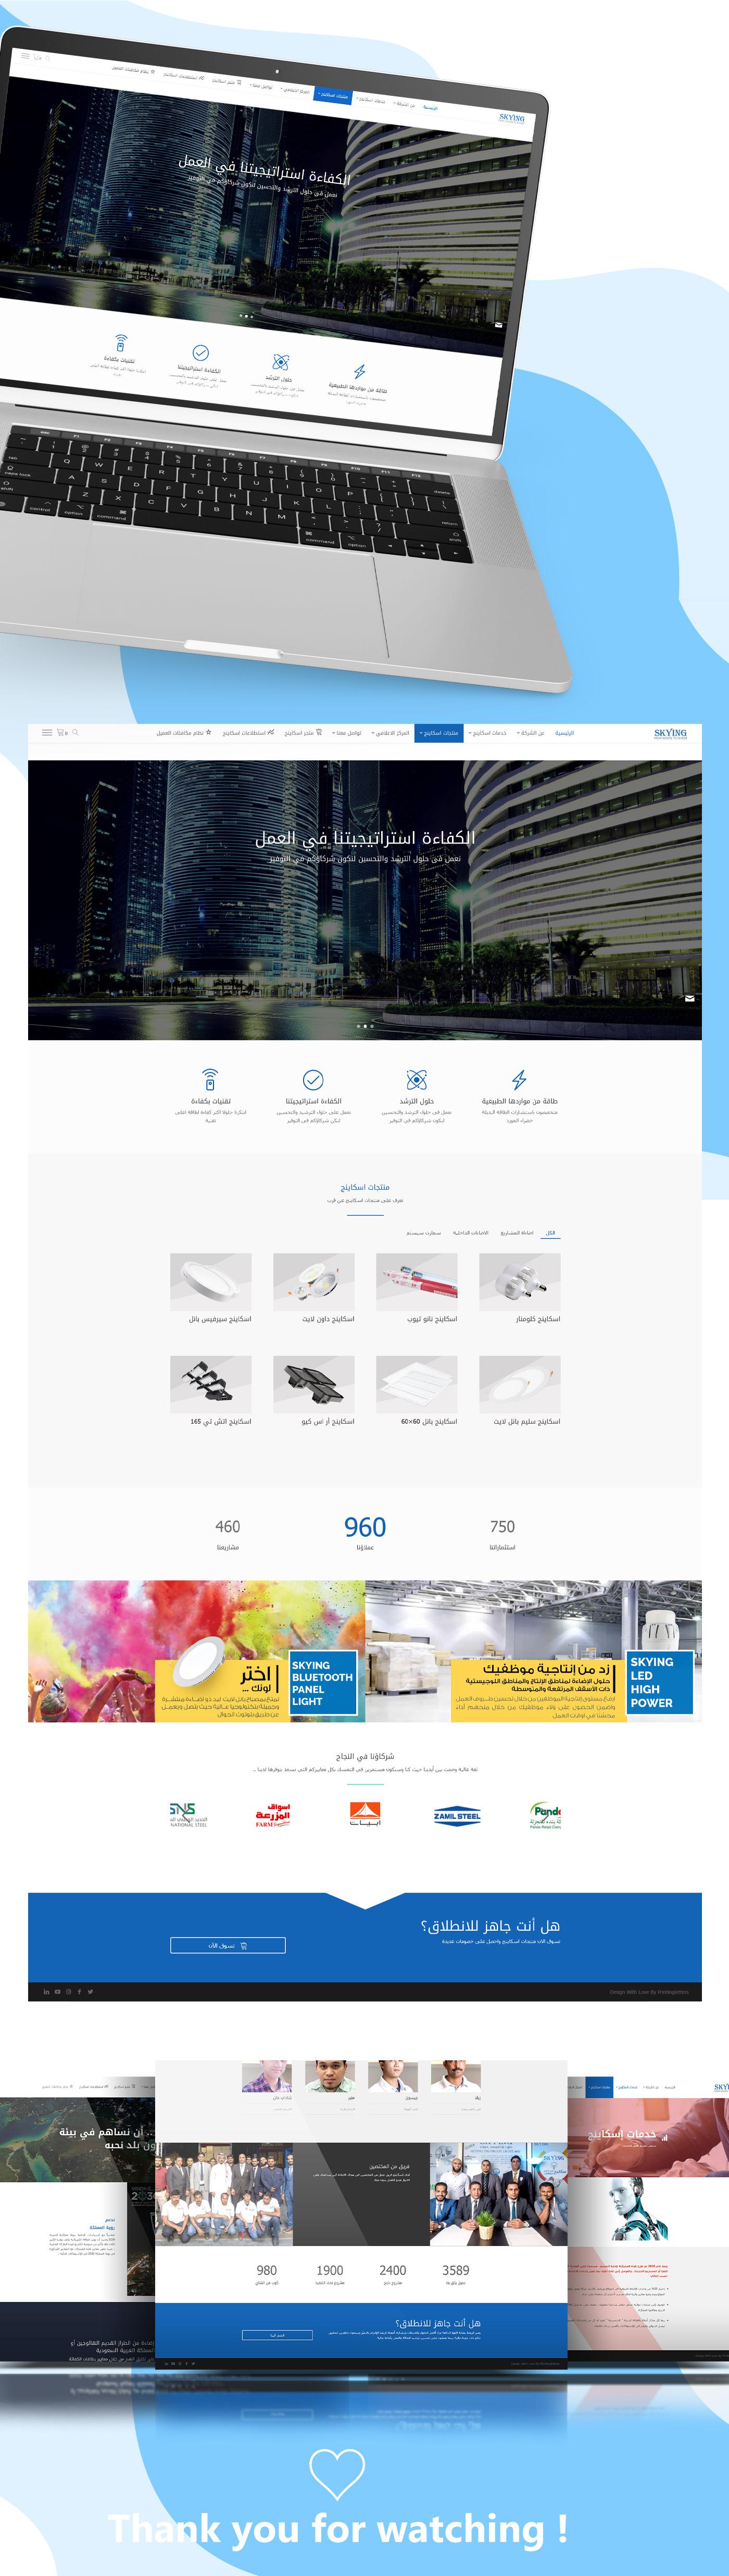 cf7 e-commerce Web Website wforme Woocommerce wordpress